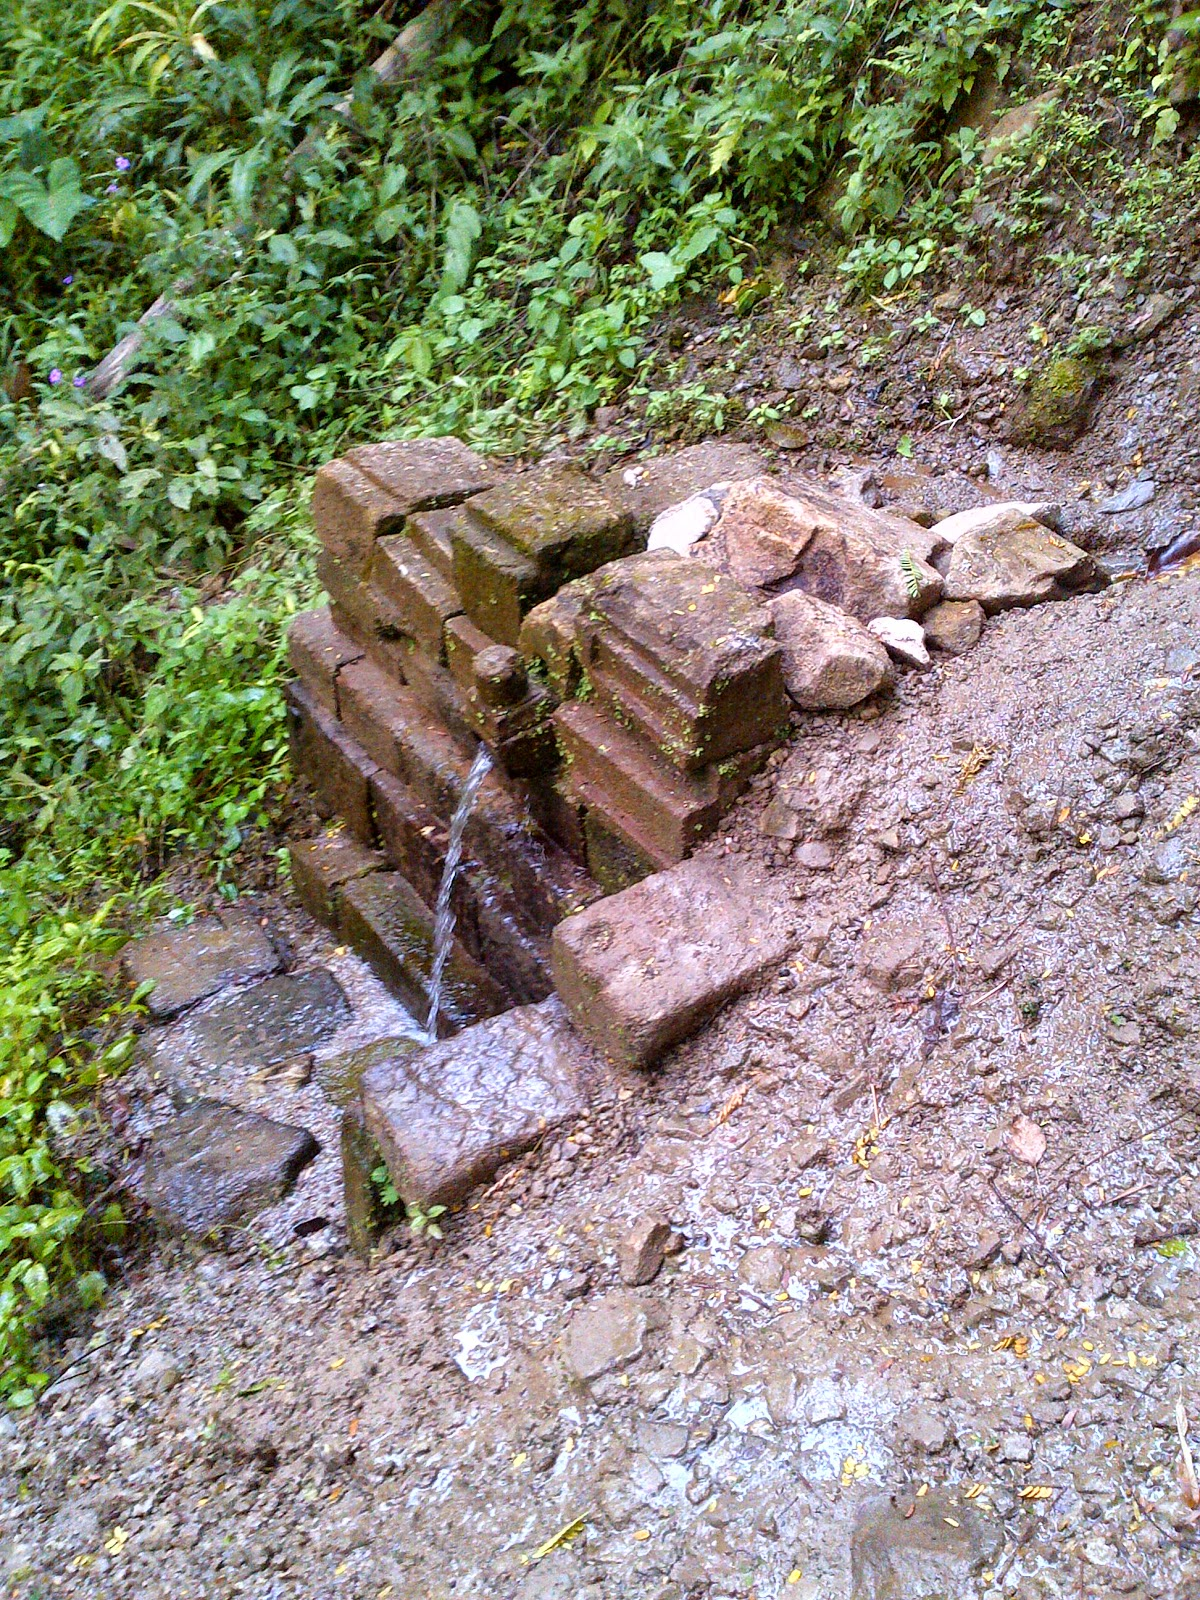 Blusukan Situs Candi Selogriyo Sebuah Peninggalan Purbakala Kecamatan Windusari Kabupaten